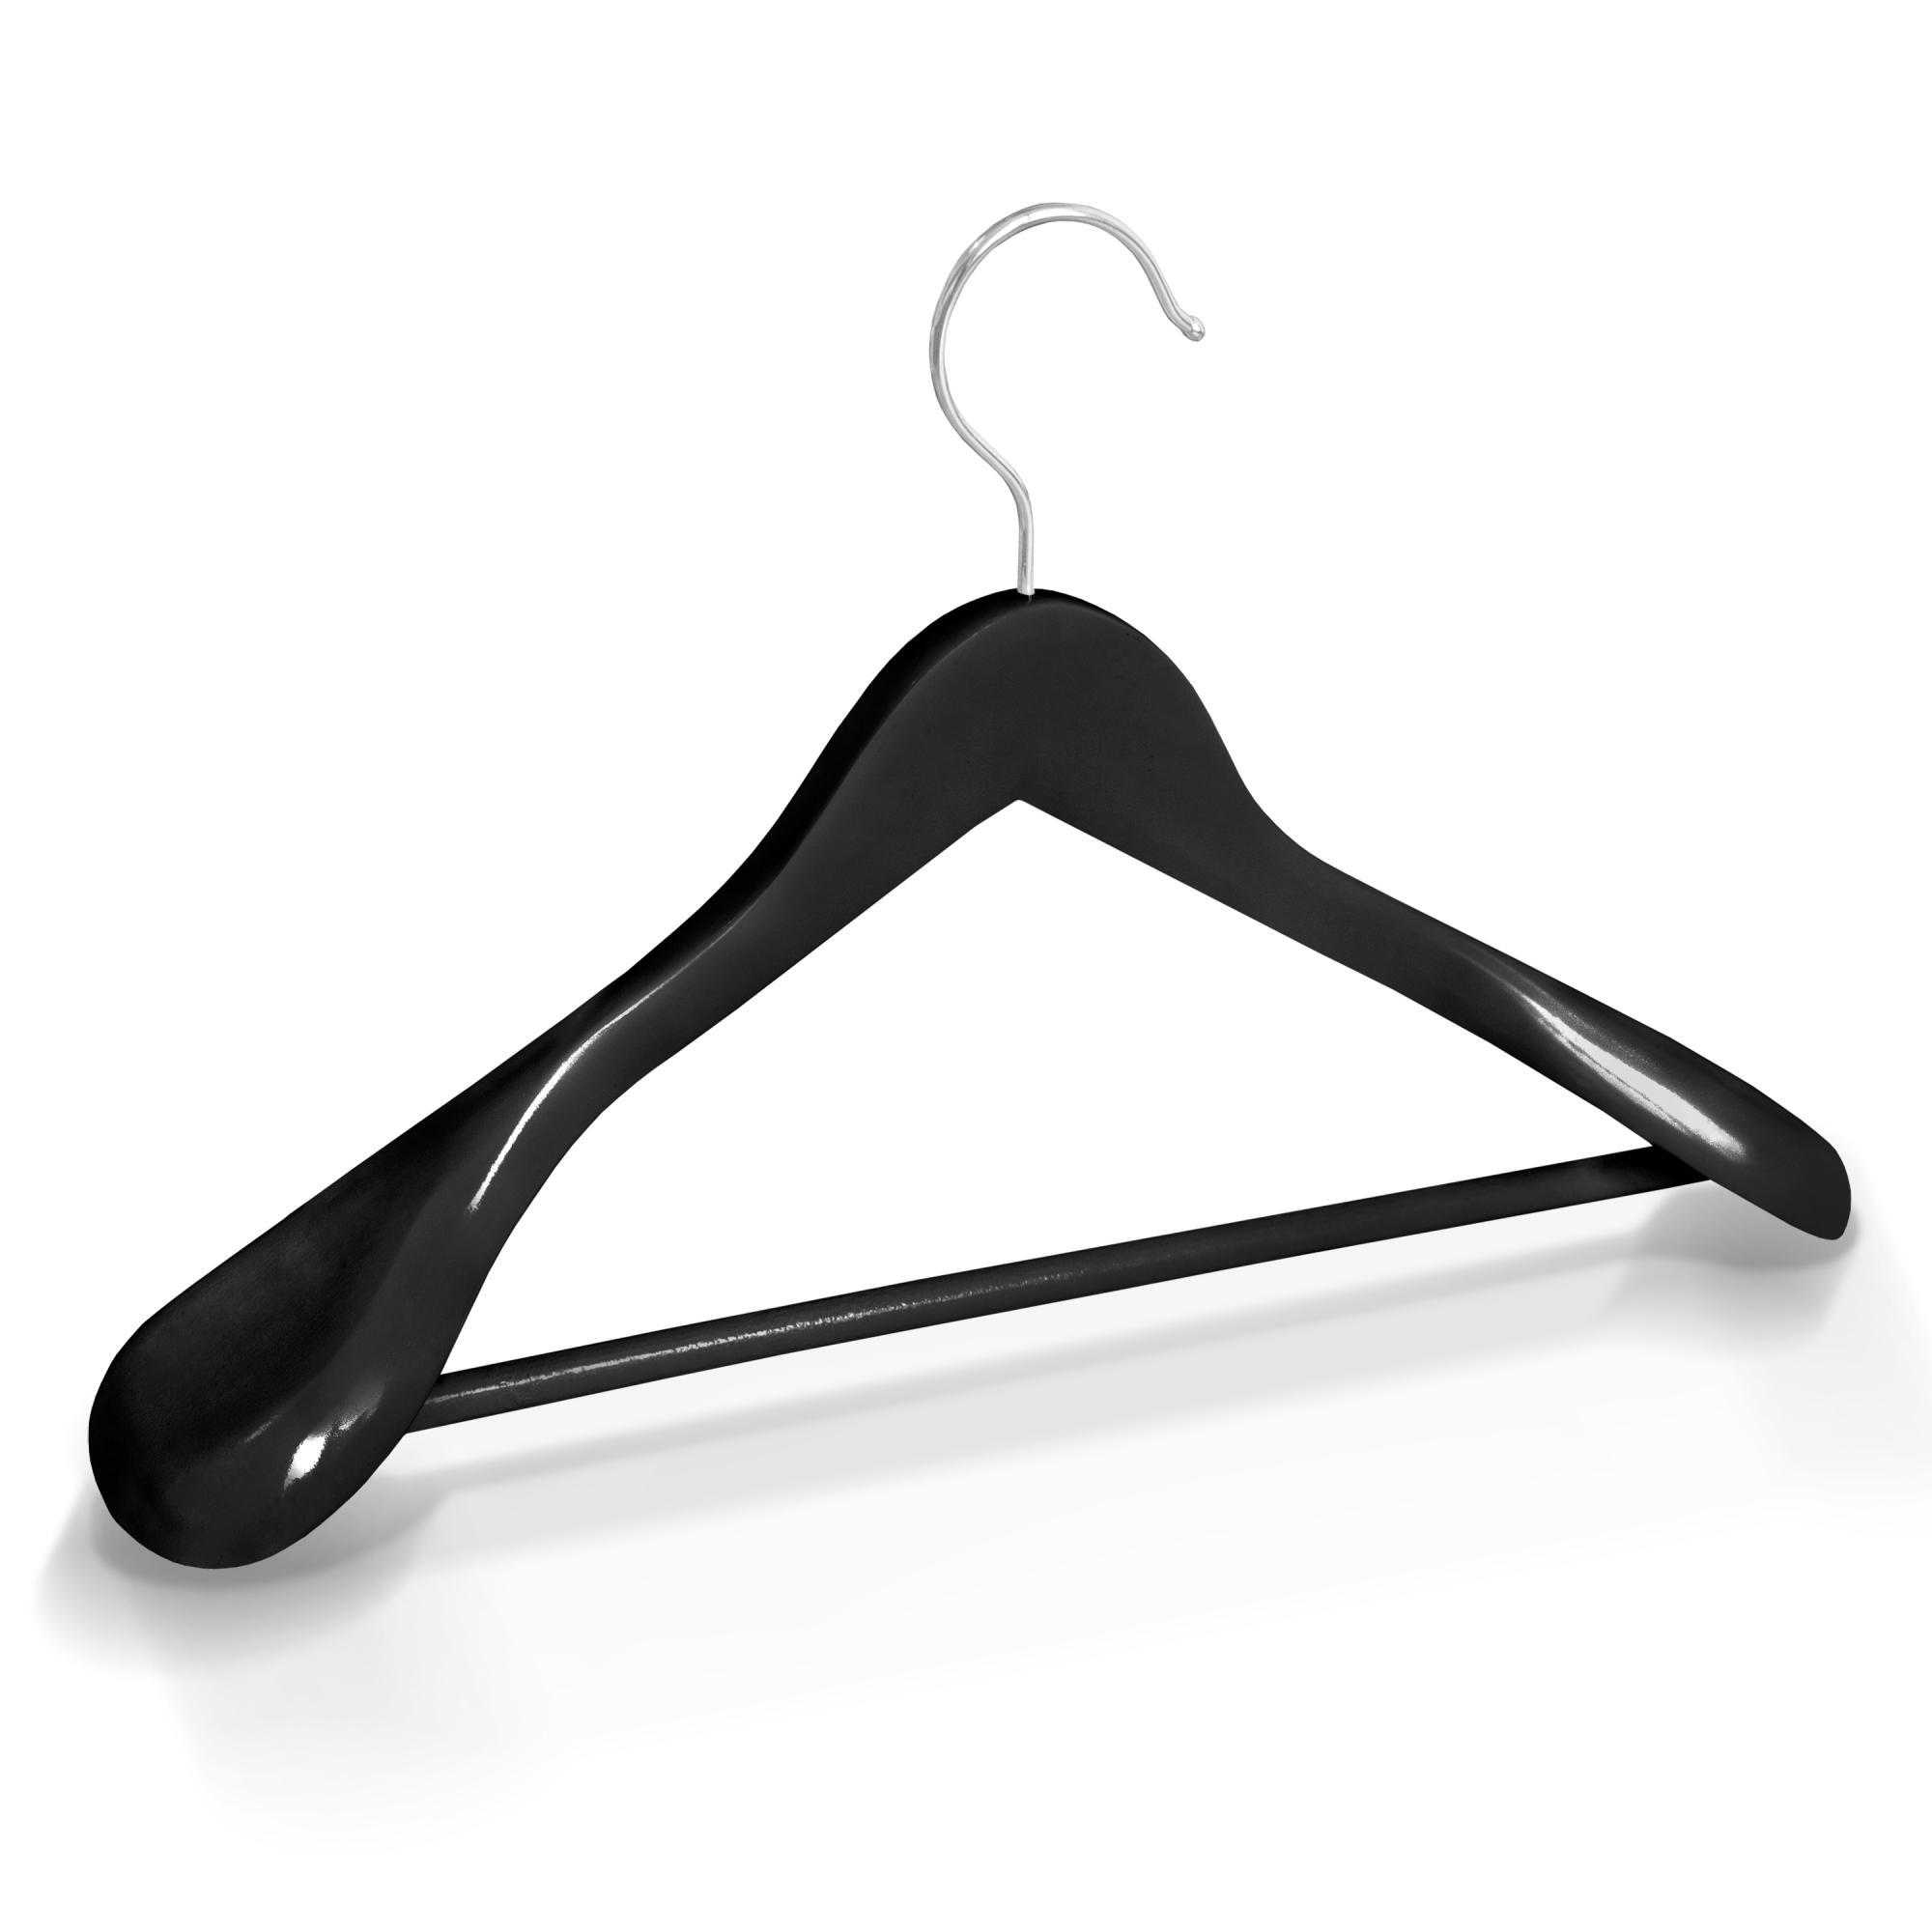 kleiderb gel holz schwarz breite schulterauflage steg holzb gel garderobenb gel ebay. Black Bedroom Furniture Sets. Home Design Ideas